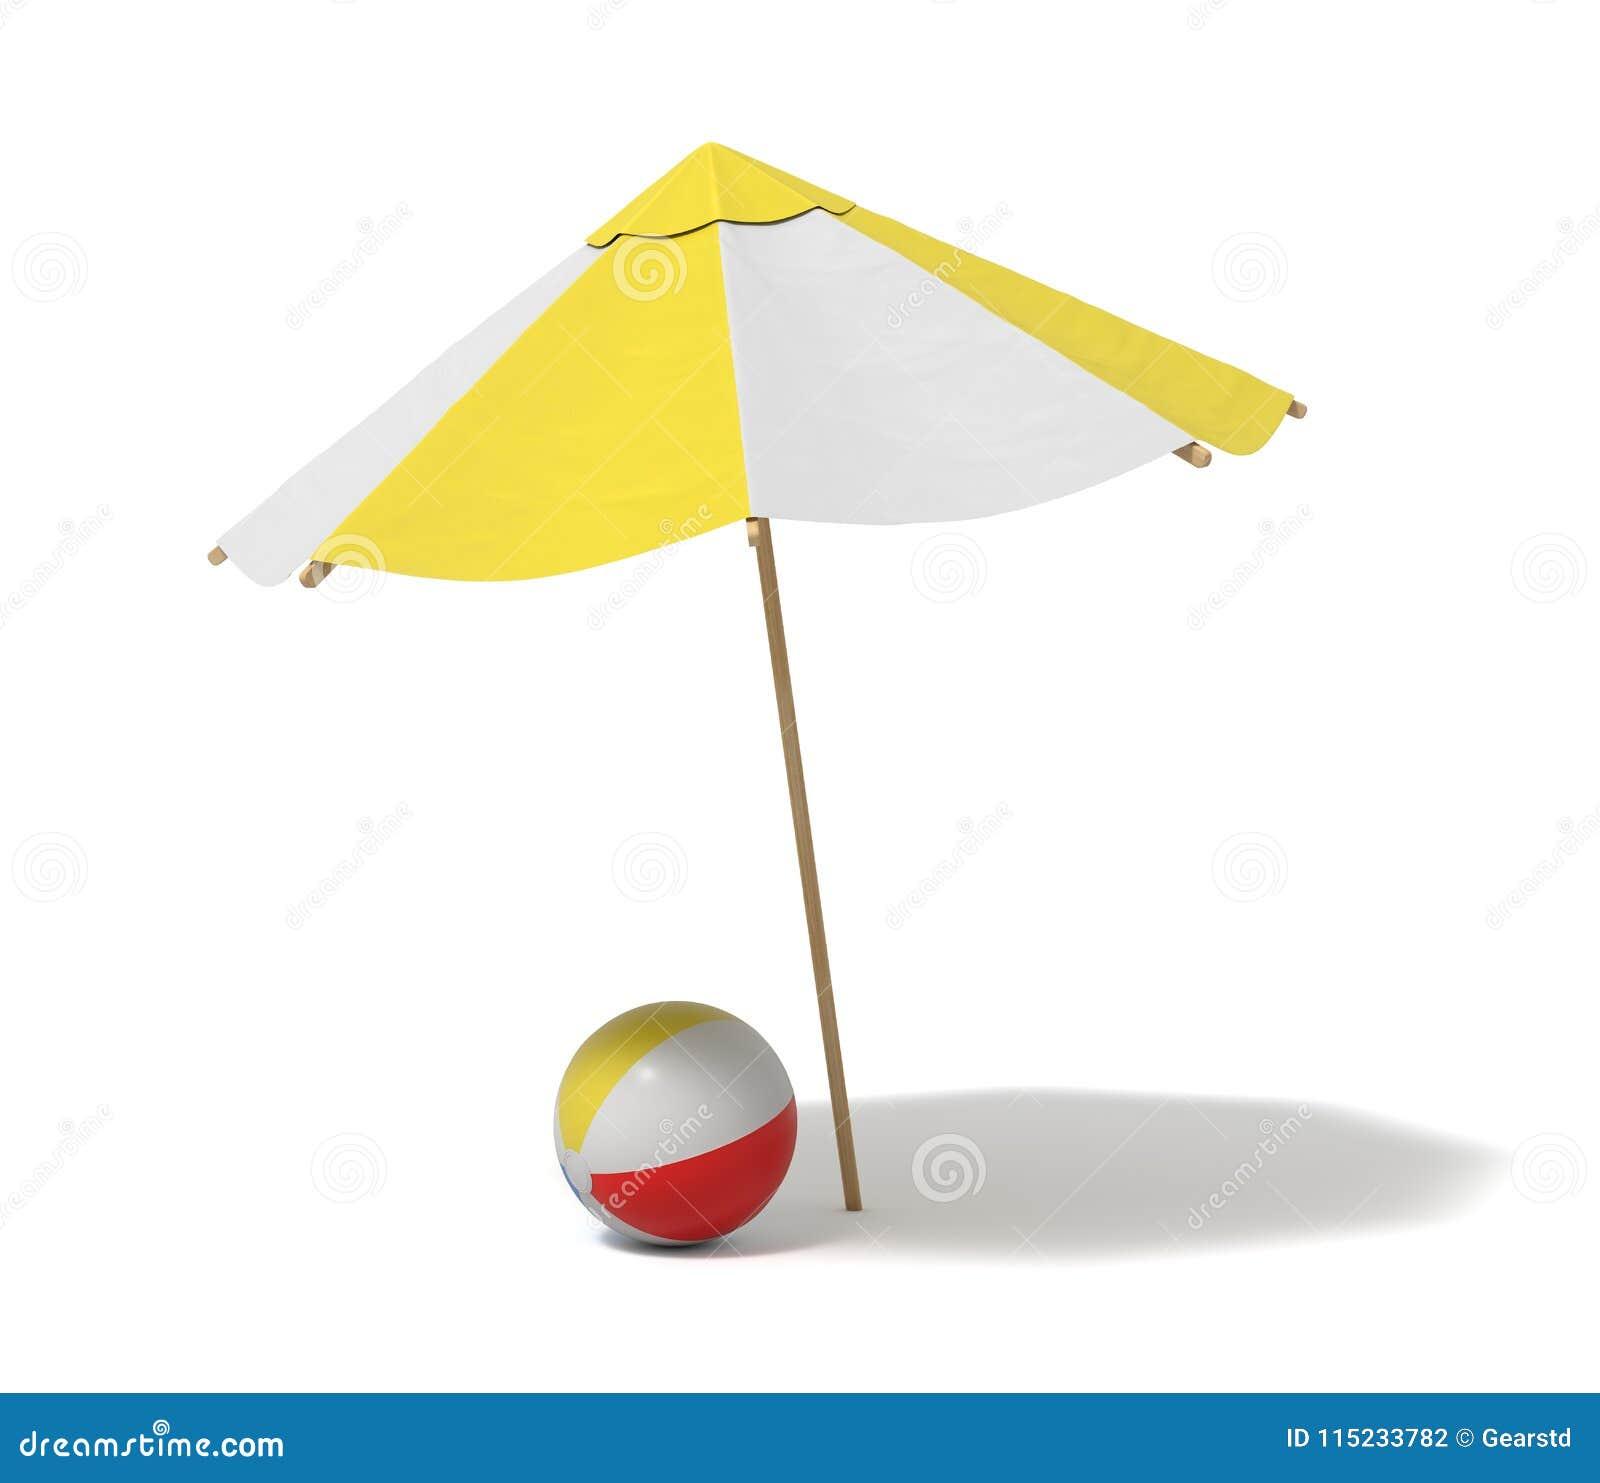 Het 3d teruggeven van een witte en gele strandparaplu en een opgeblazen strandbal